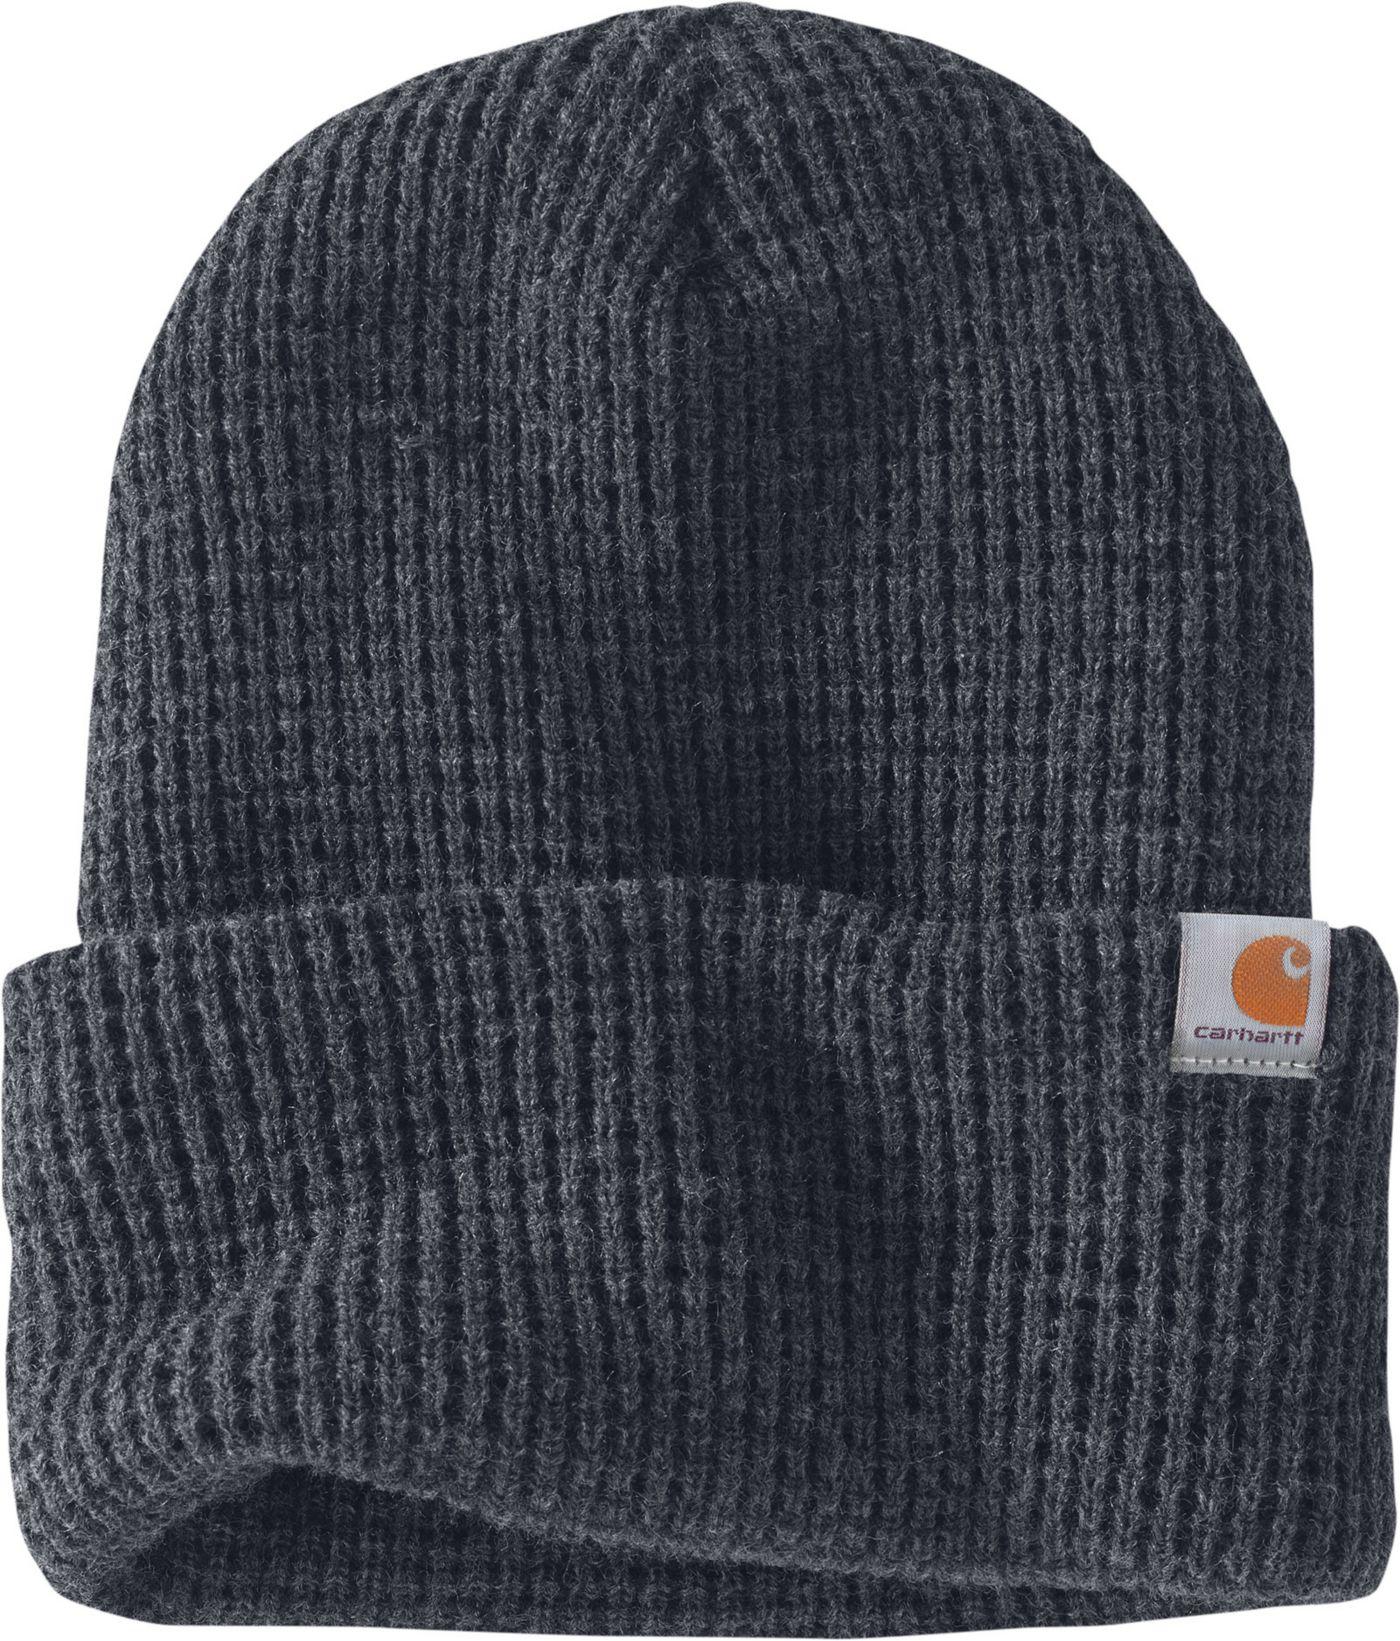 Carhartt Men's Woodside Knit Beanie